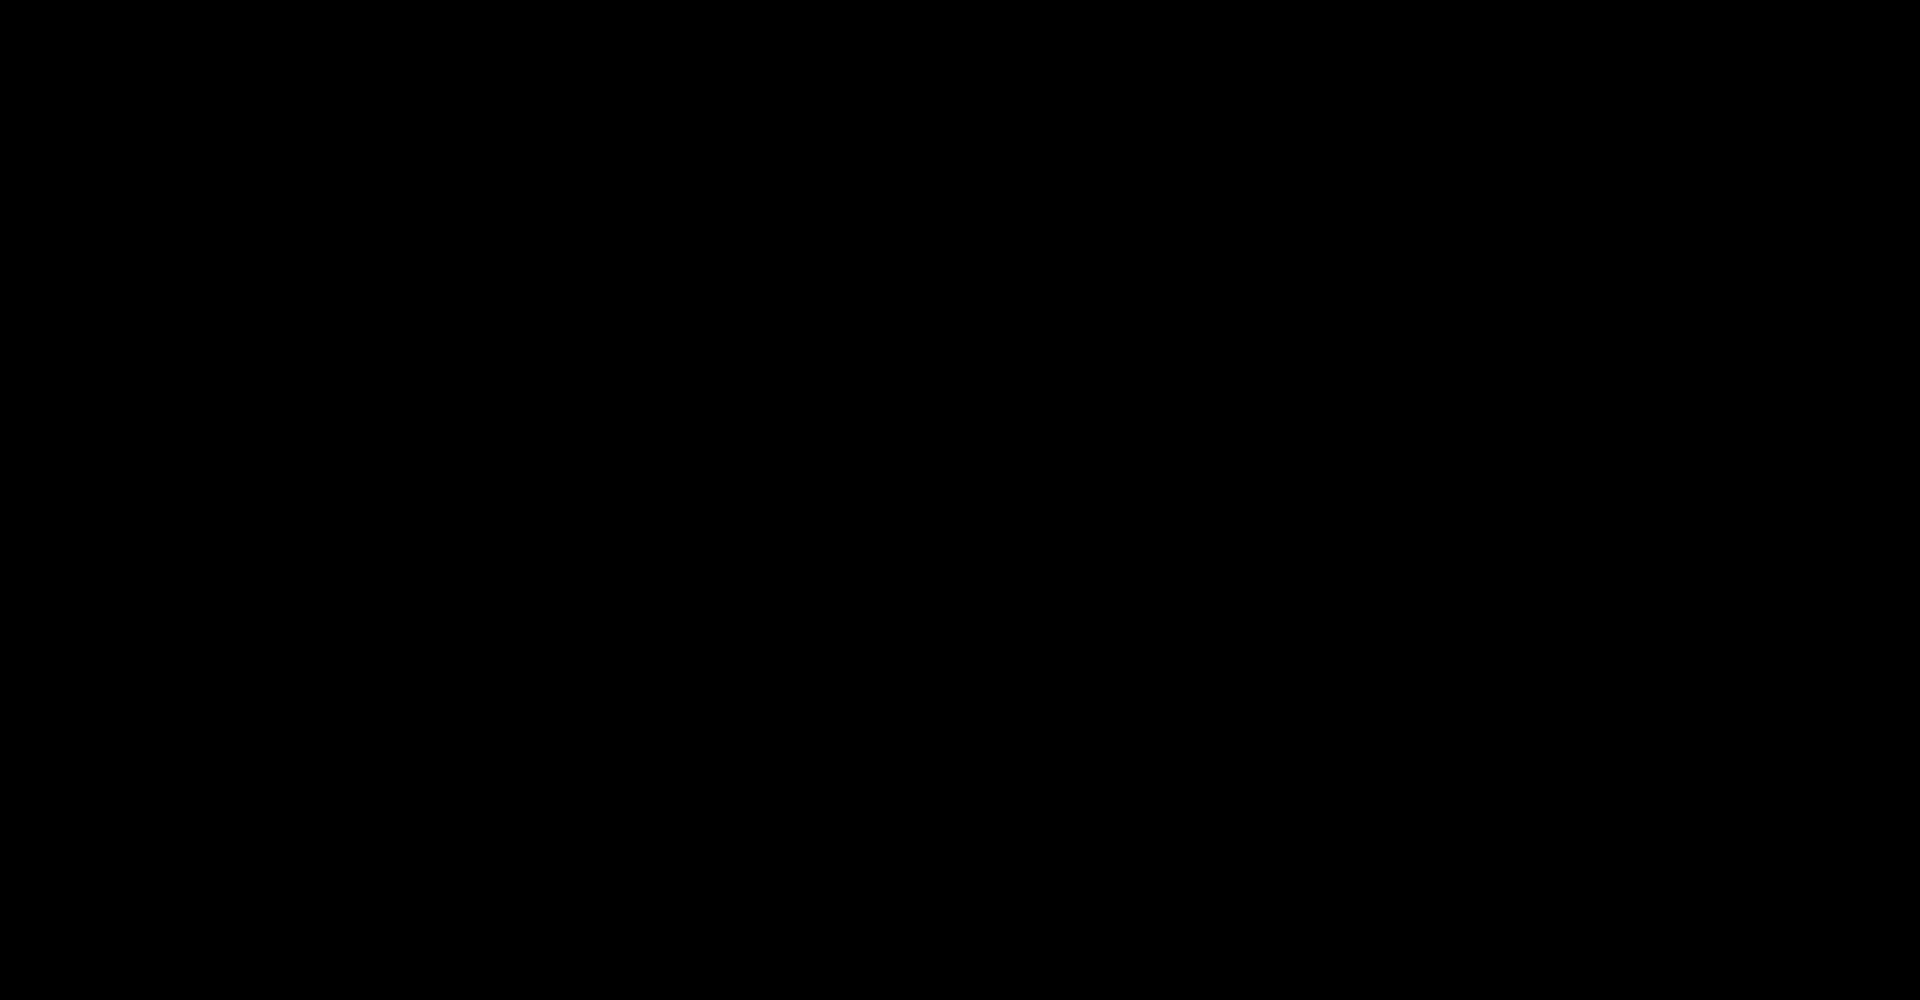 AKG-C9500a